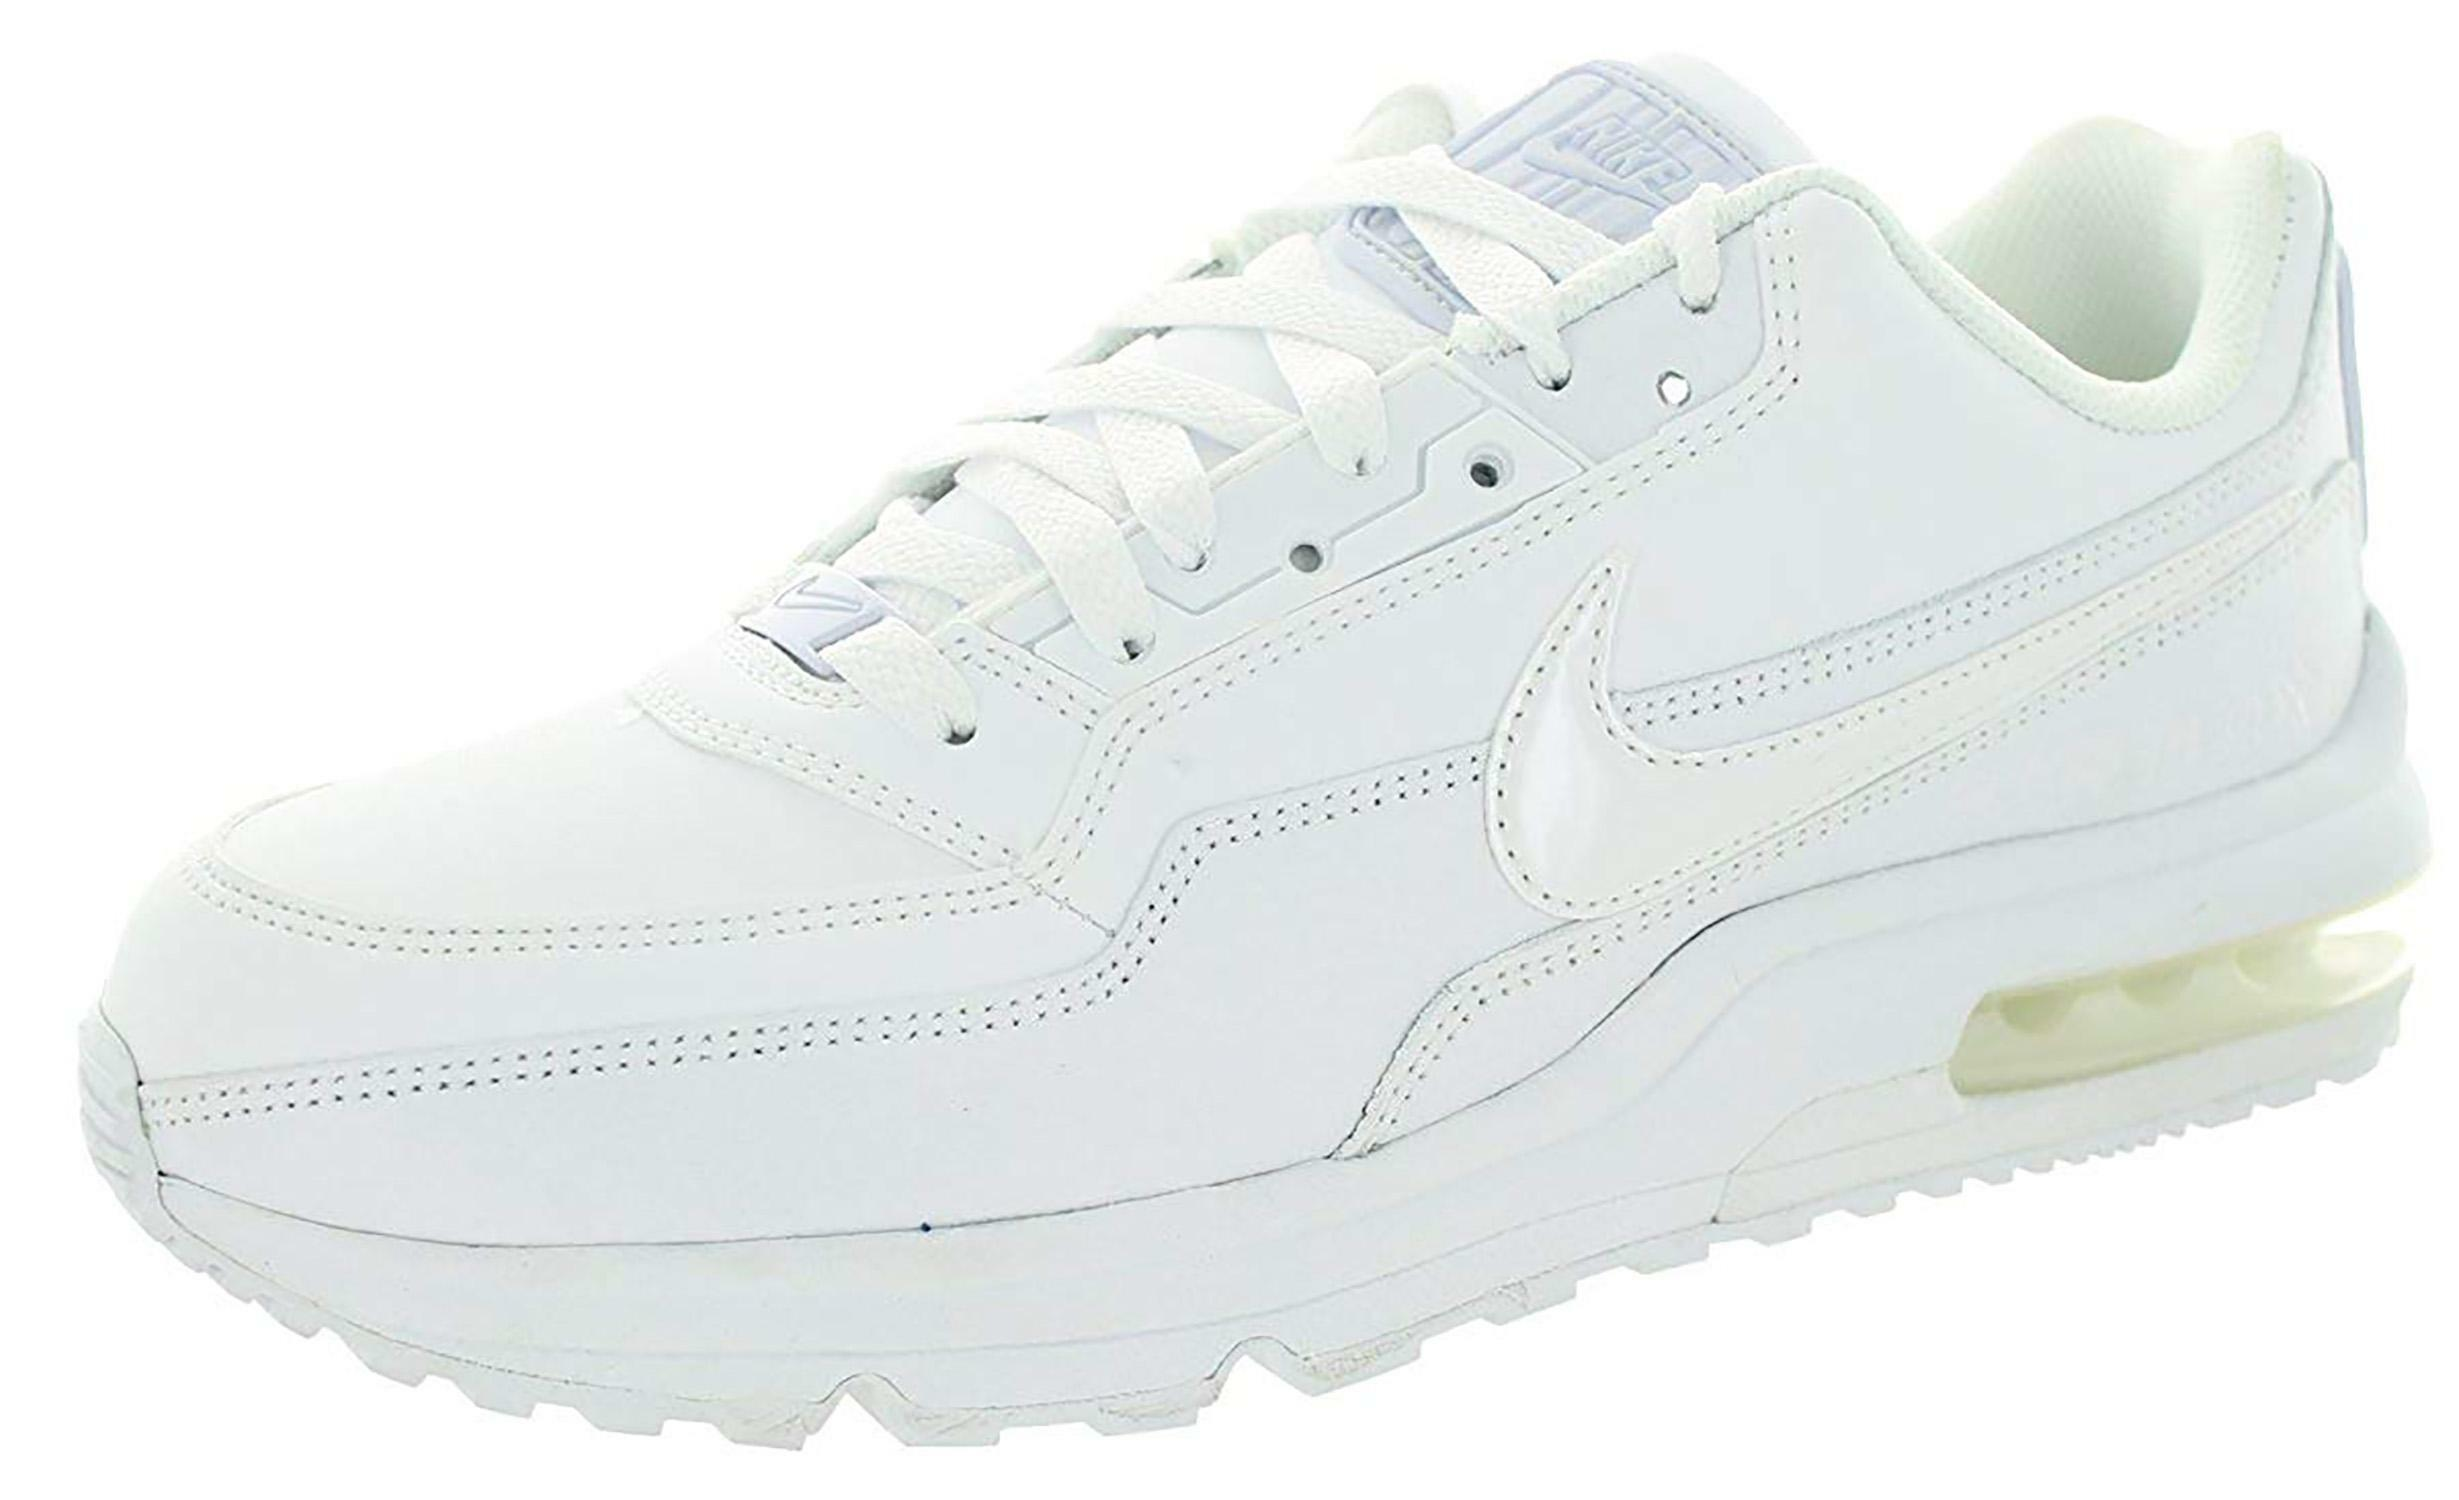 scarpe air max uomo bianche